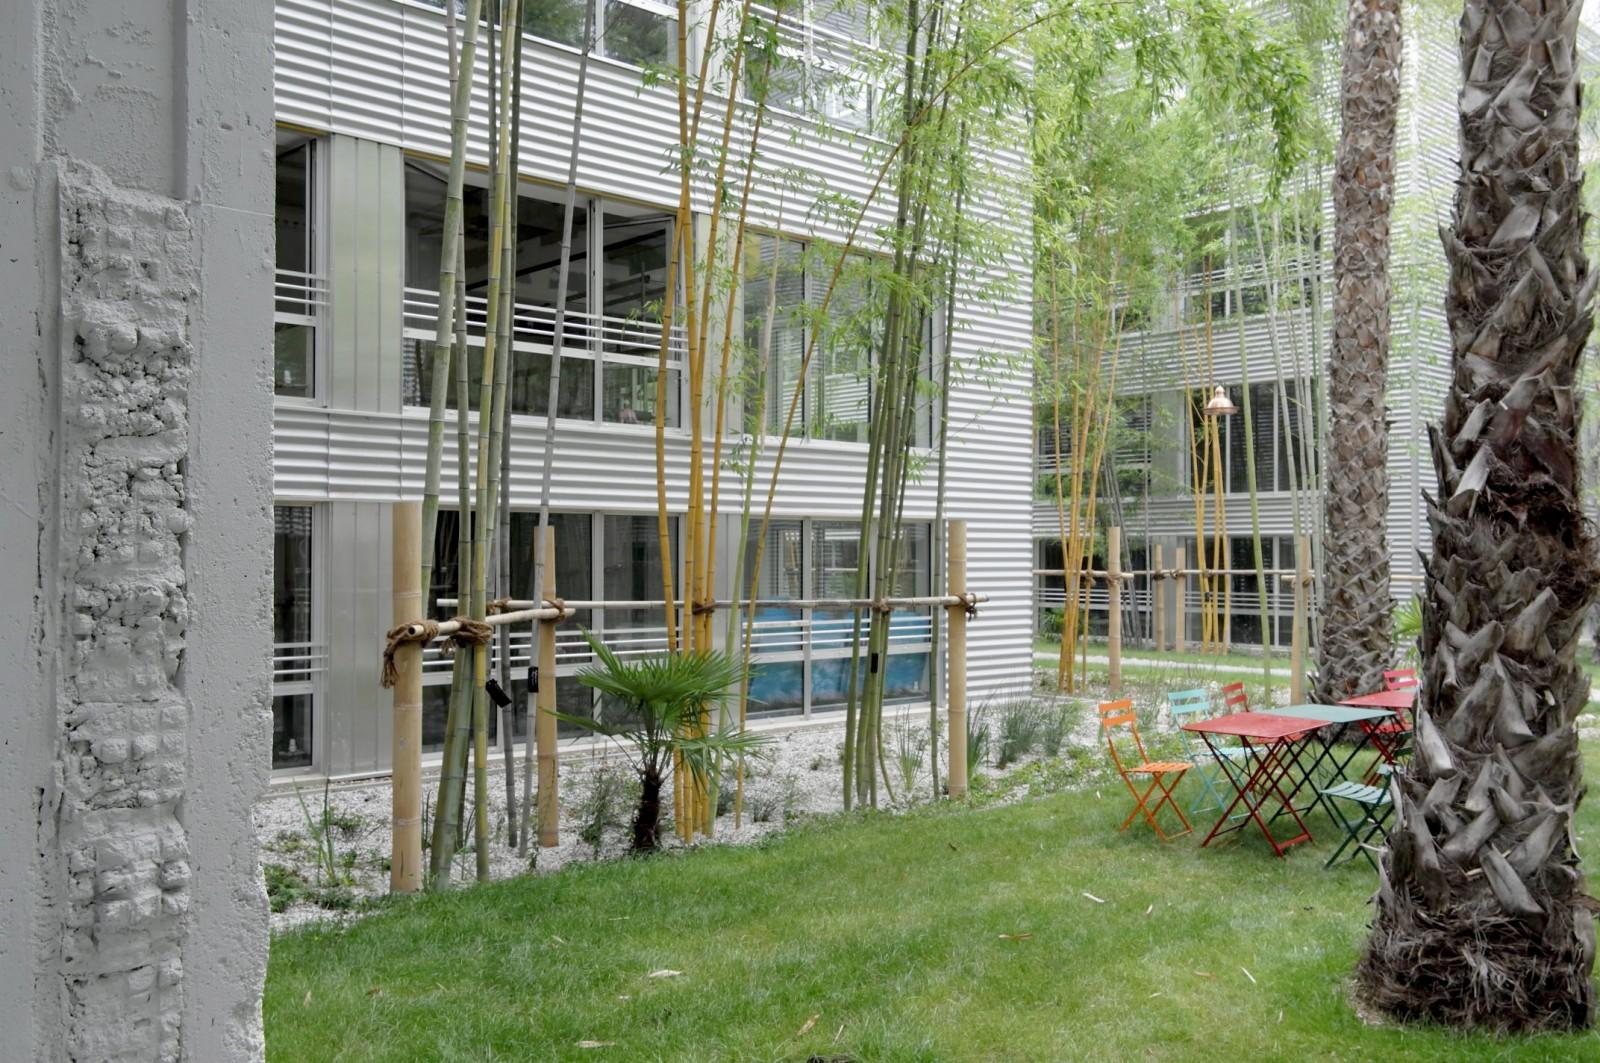 Transformation du Centre de Tri Postal, Georges Cordier architecte, (1978) en Cité Numérique par Alexandre Chemetoff & associés, architectes (2019). Les rues jardinées. © Alexandre Chemetoff.